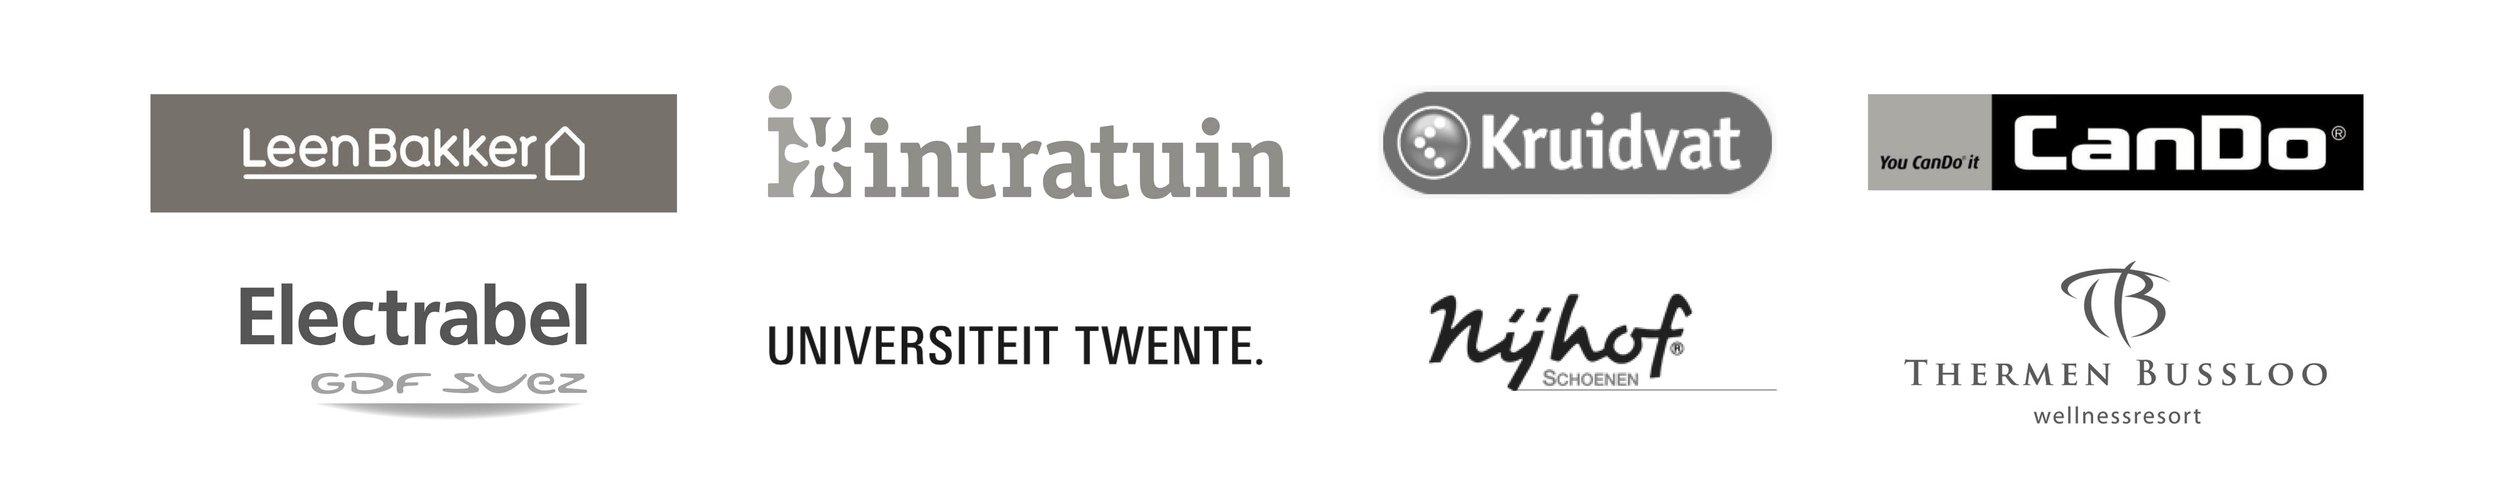 HUISMERCK ervaring logo's2-01.jpg